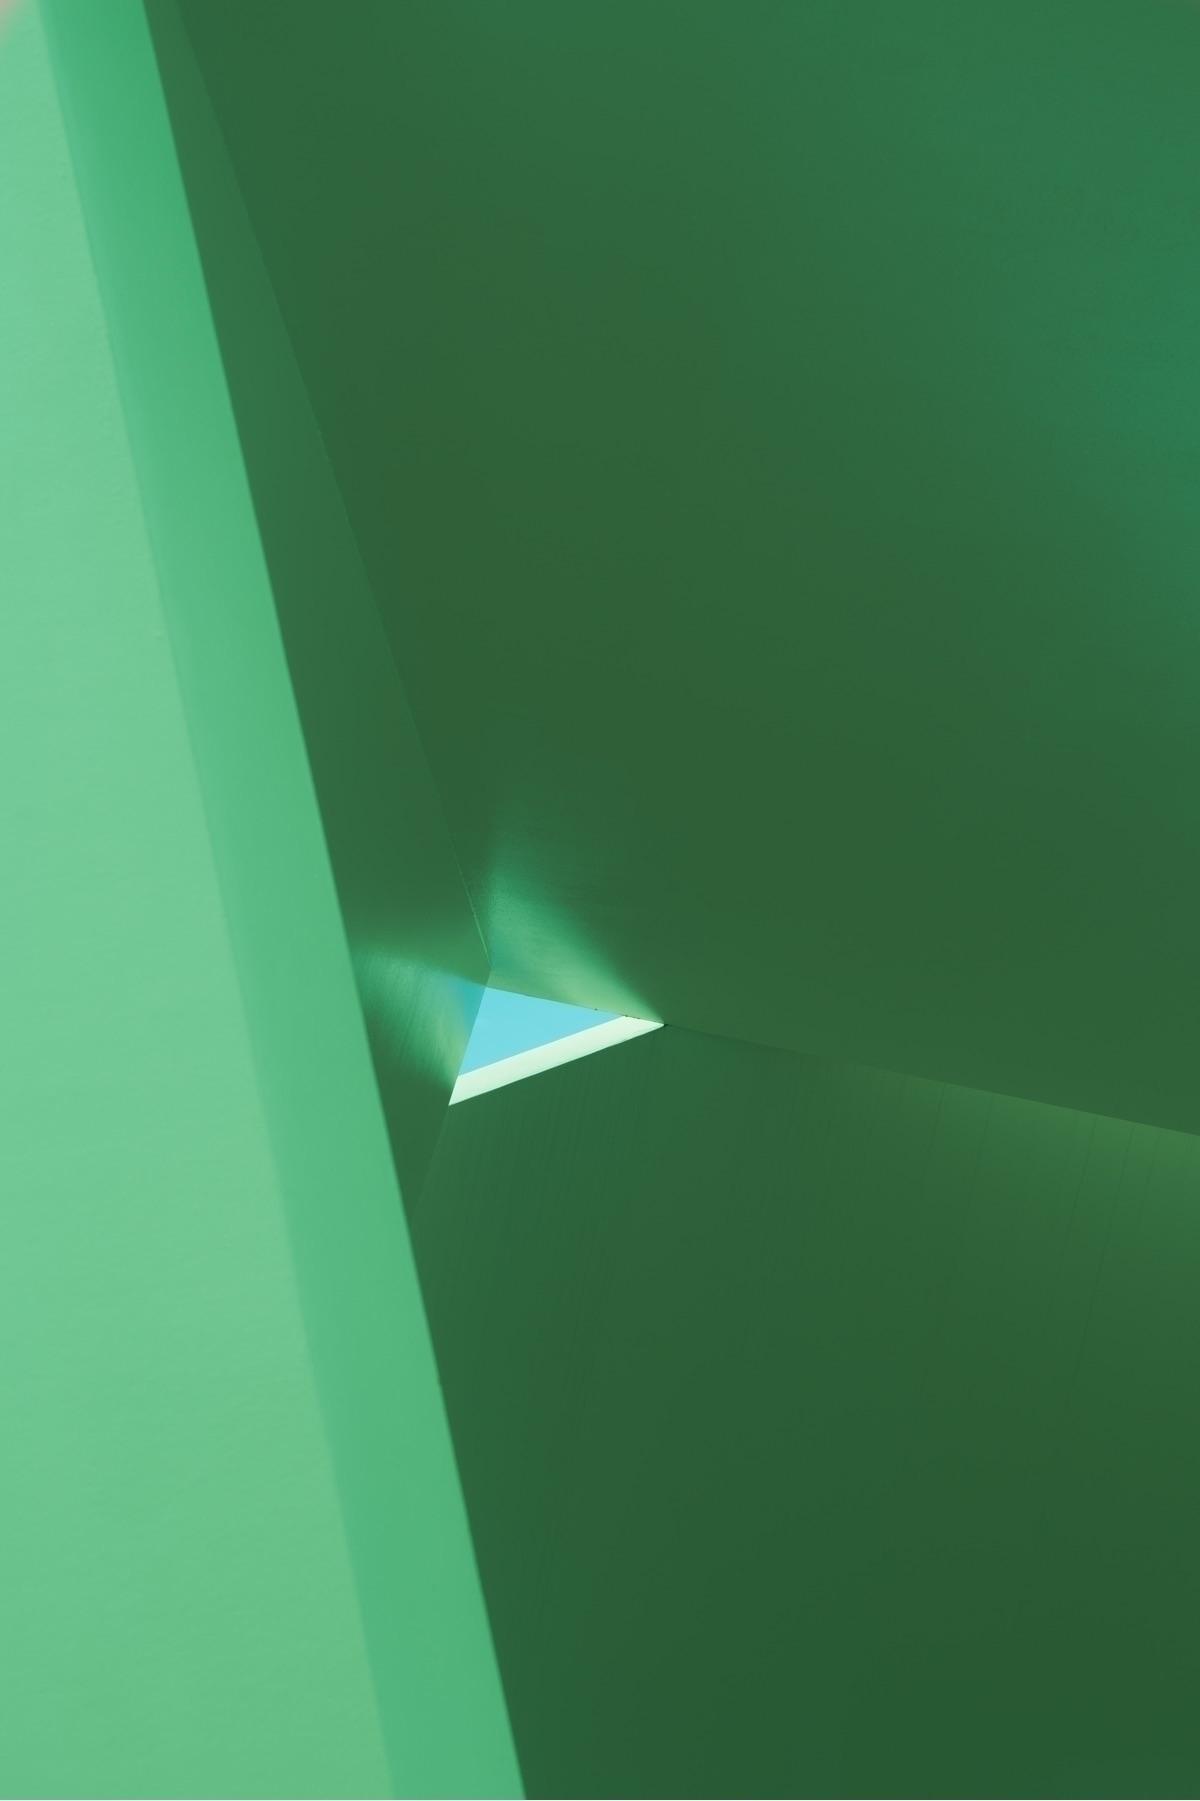 architecture, green, canon, minimal - jokalinowski_ | ello